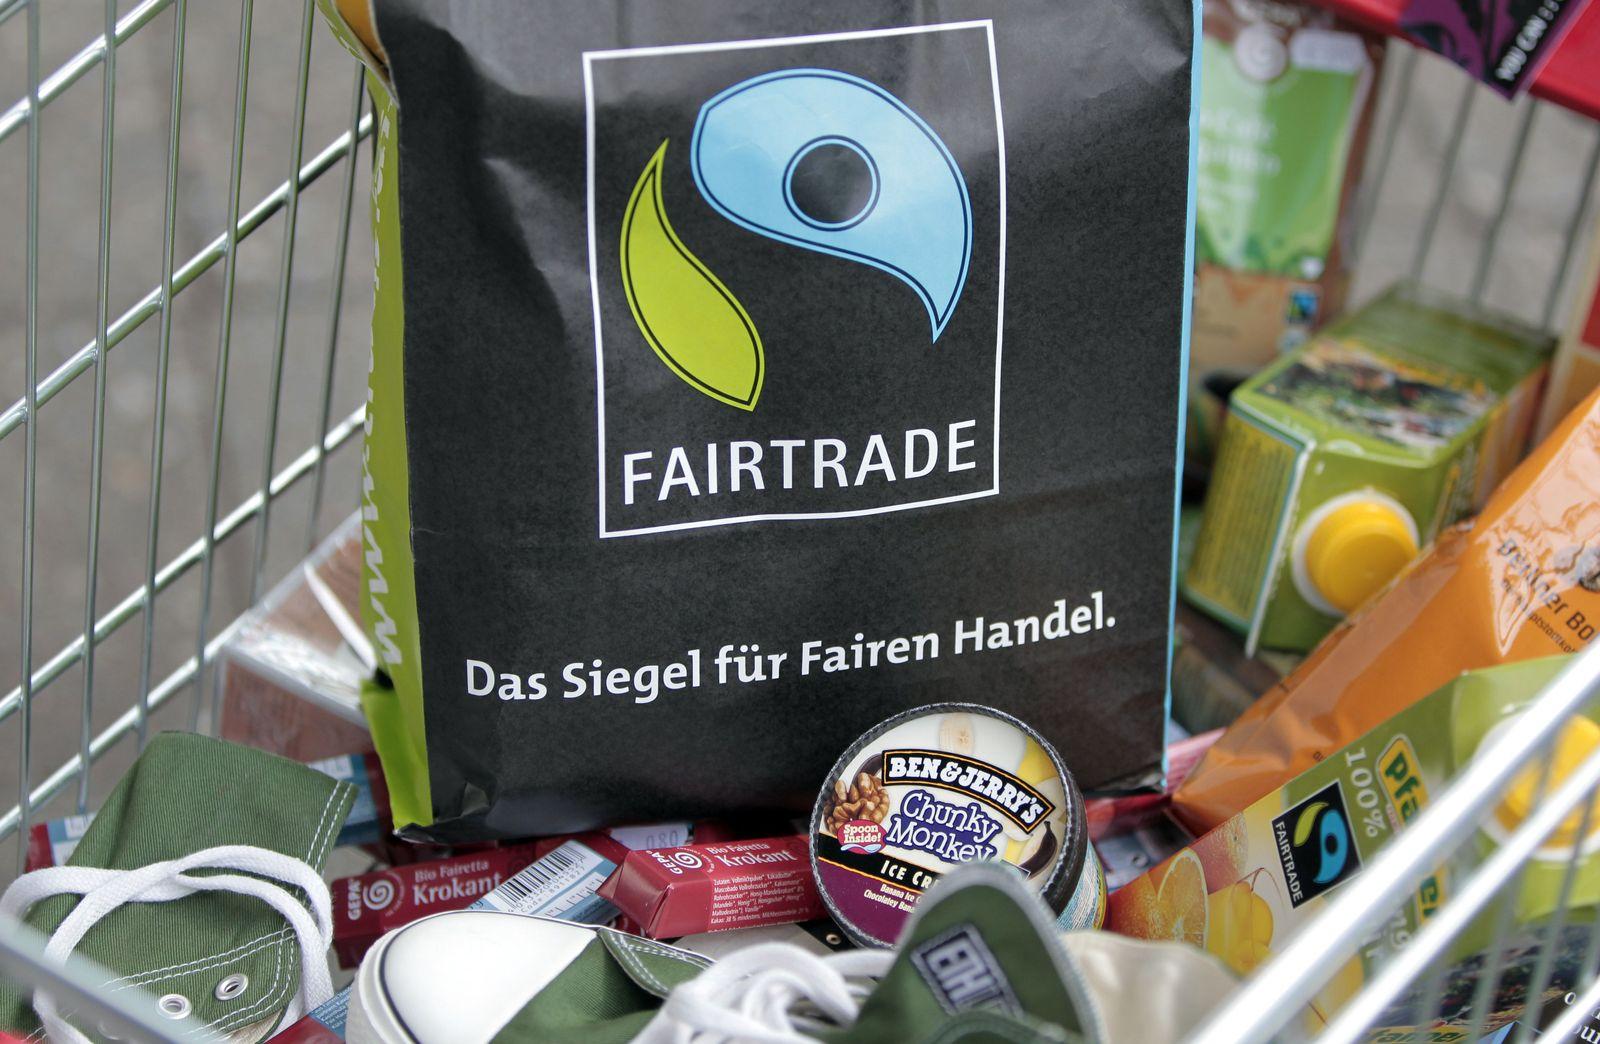 Fairtrade / Fair Trade